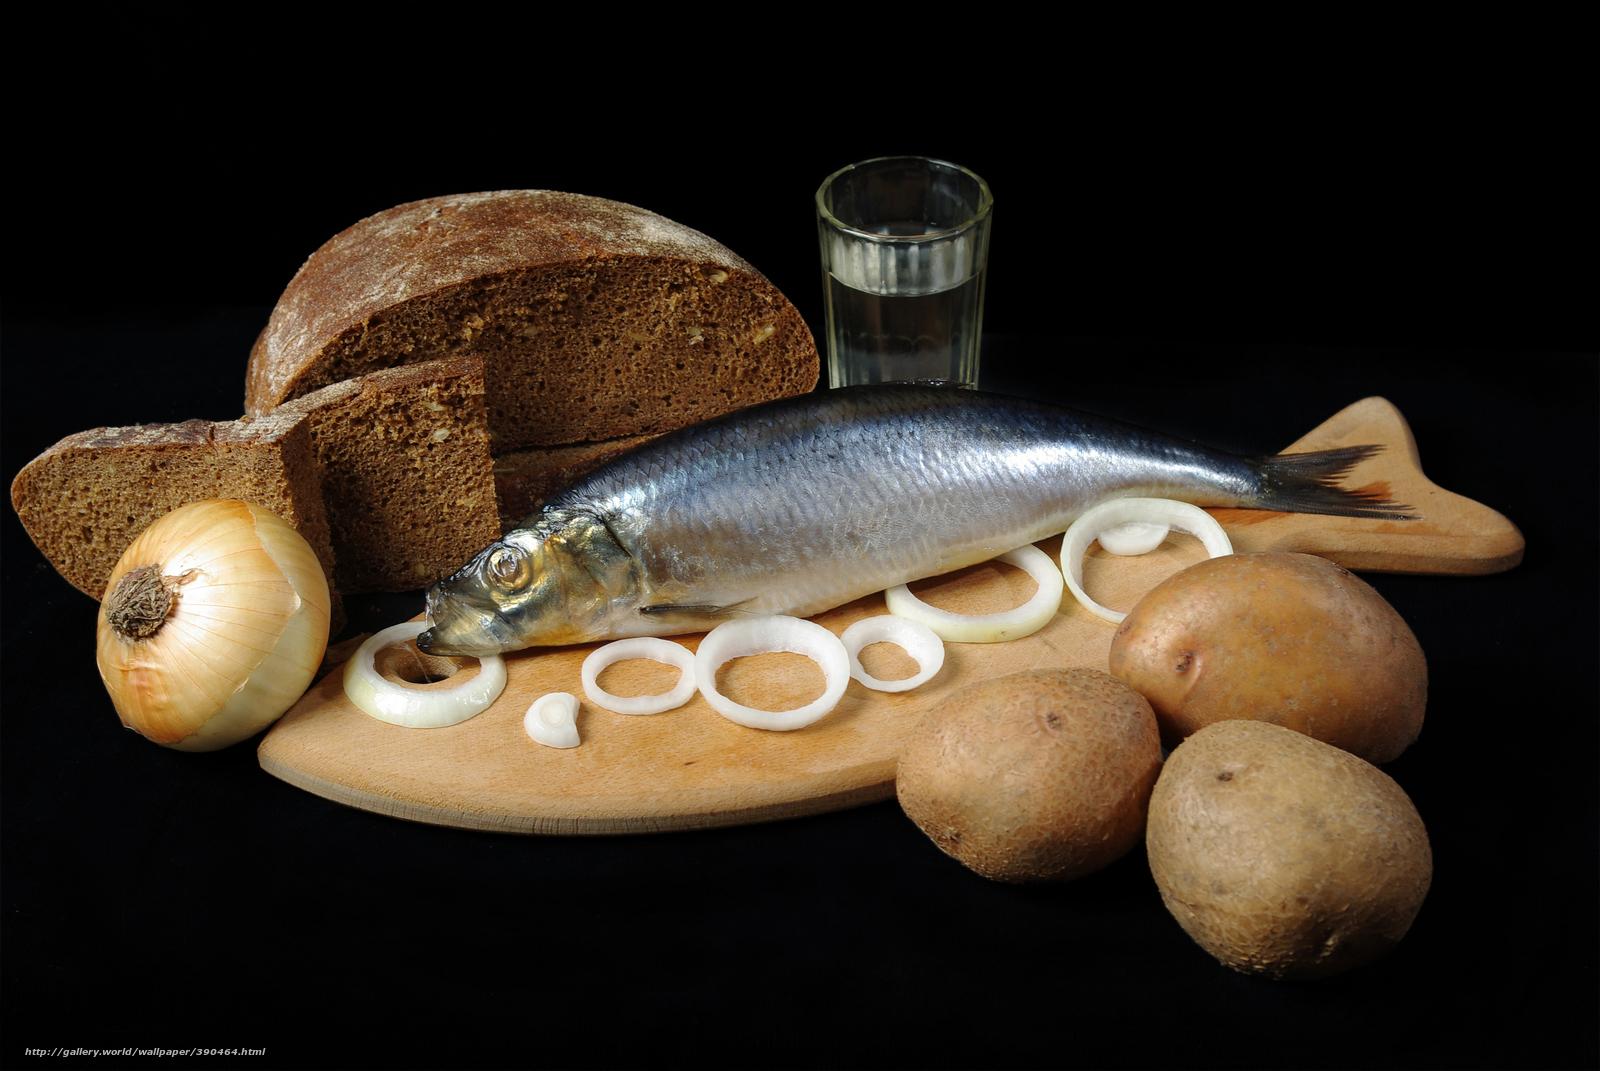 Скачать обои чёрный хлеб,  луковица,  кольца,  селёдка бесплатно для рабочего стола в разрешении 8844x5920 — картинка №390464